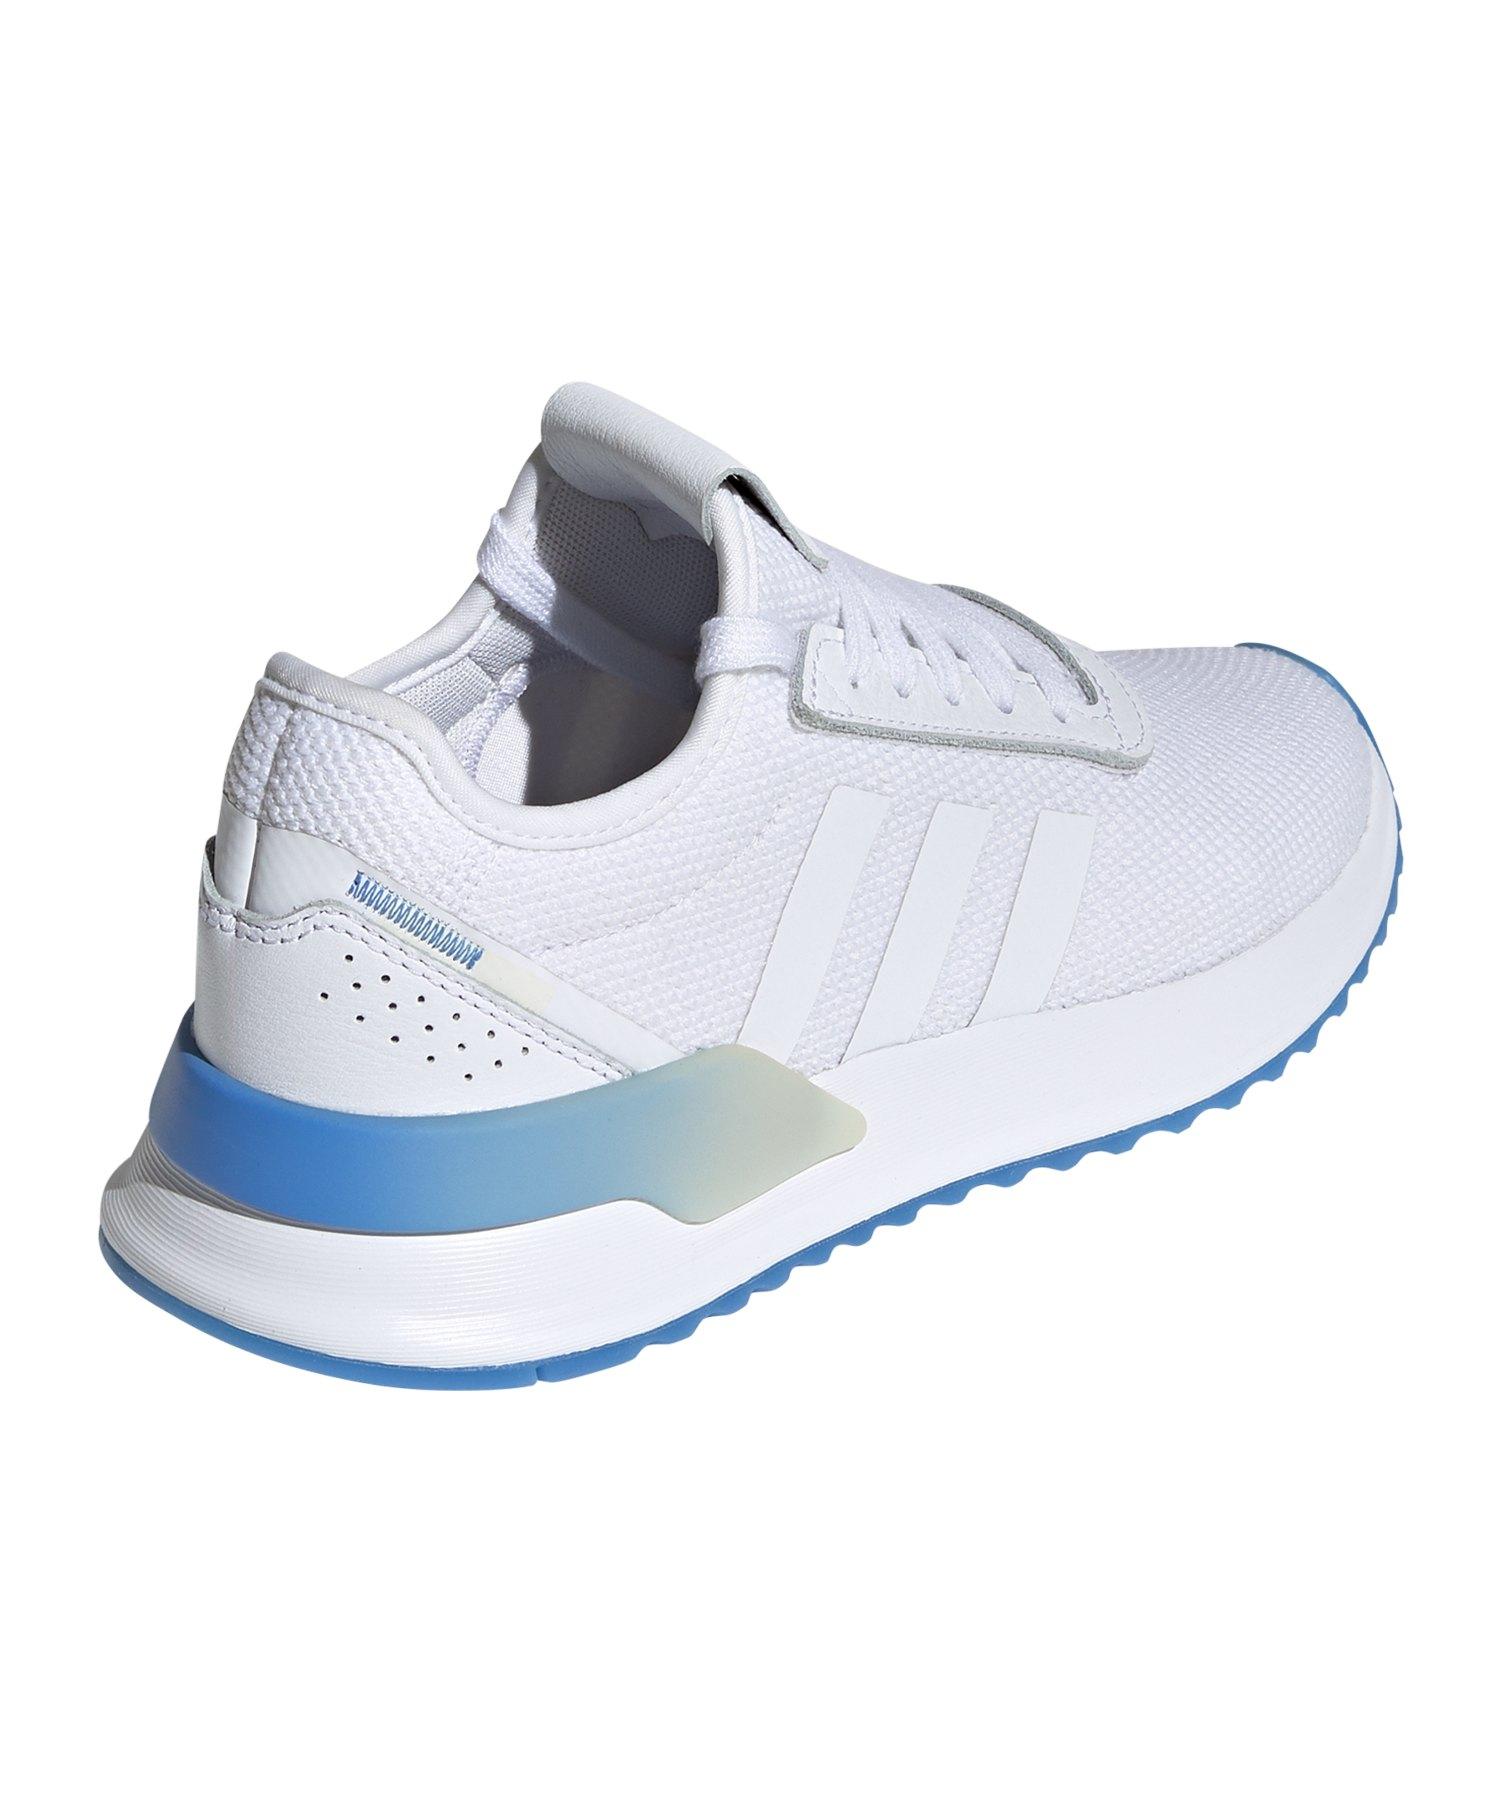 adidas U Path Run Schuhe blau